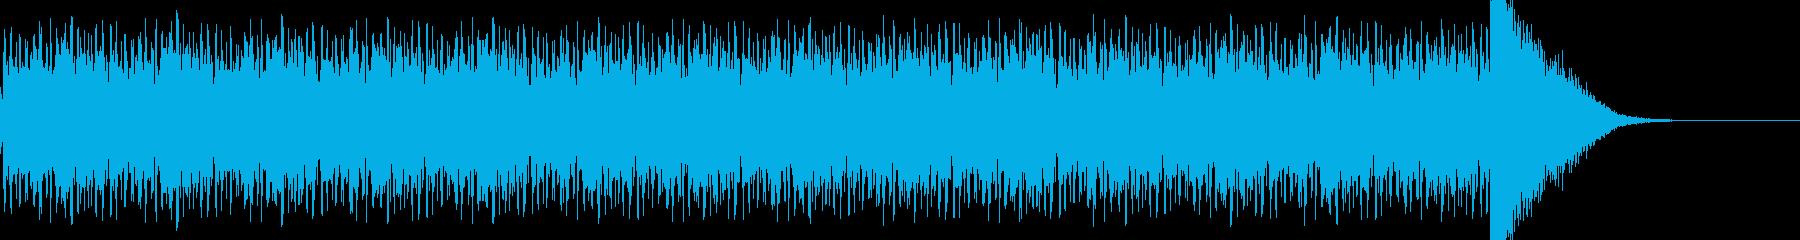 ドラムロールのち決定打音の再生済みの波形